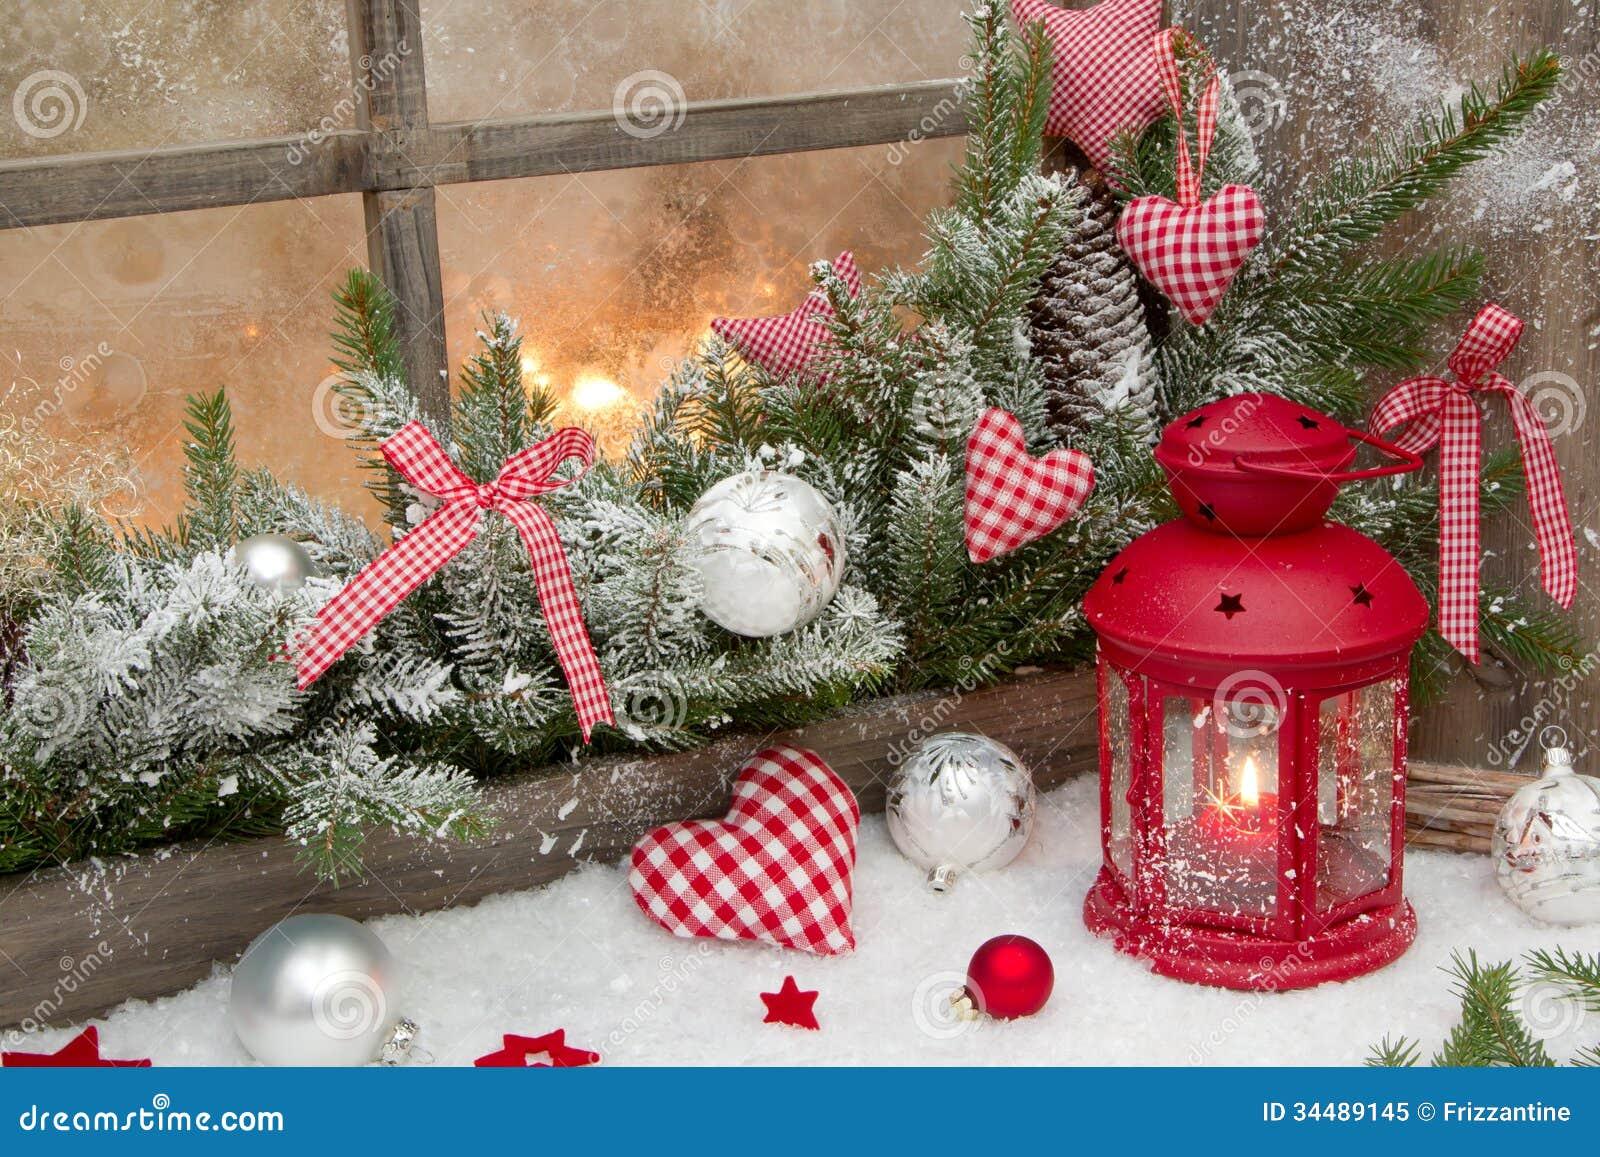 Decorazione Finestre Per Natale : Decorazione rustica rossa di natale sul davanzale della finestra con